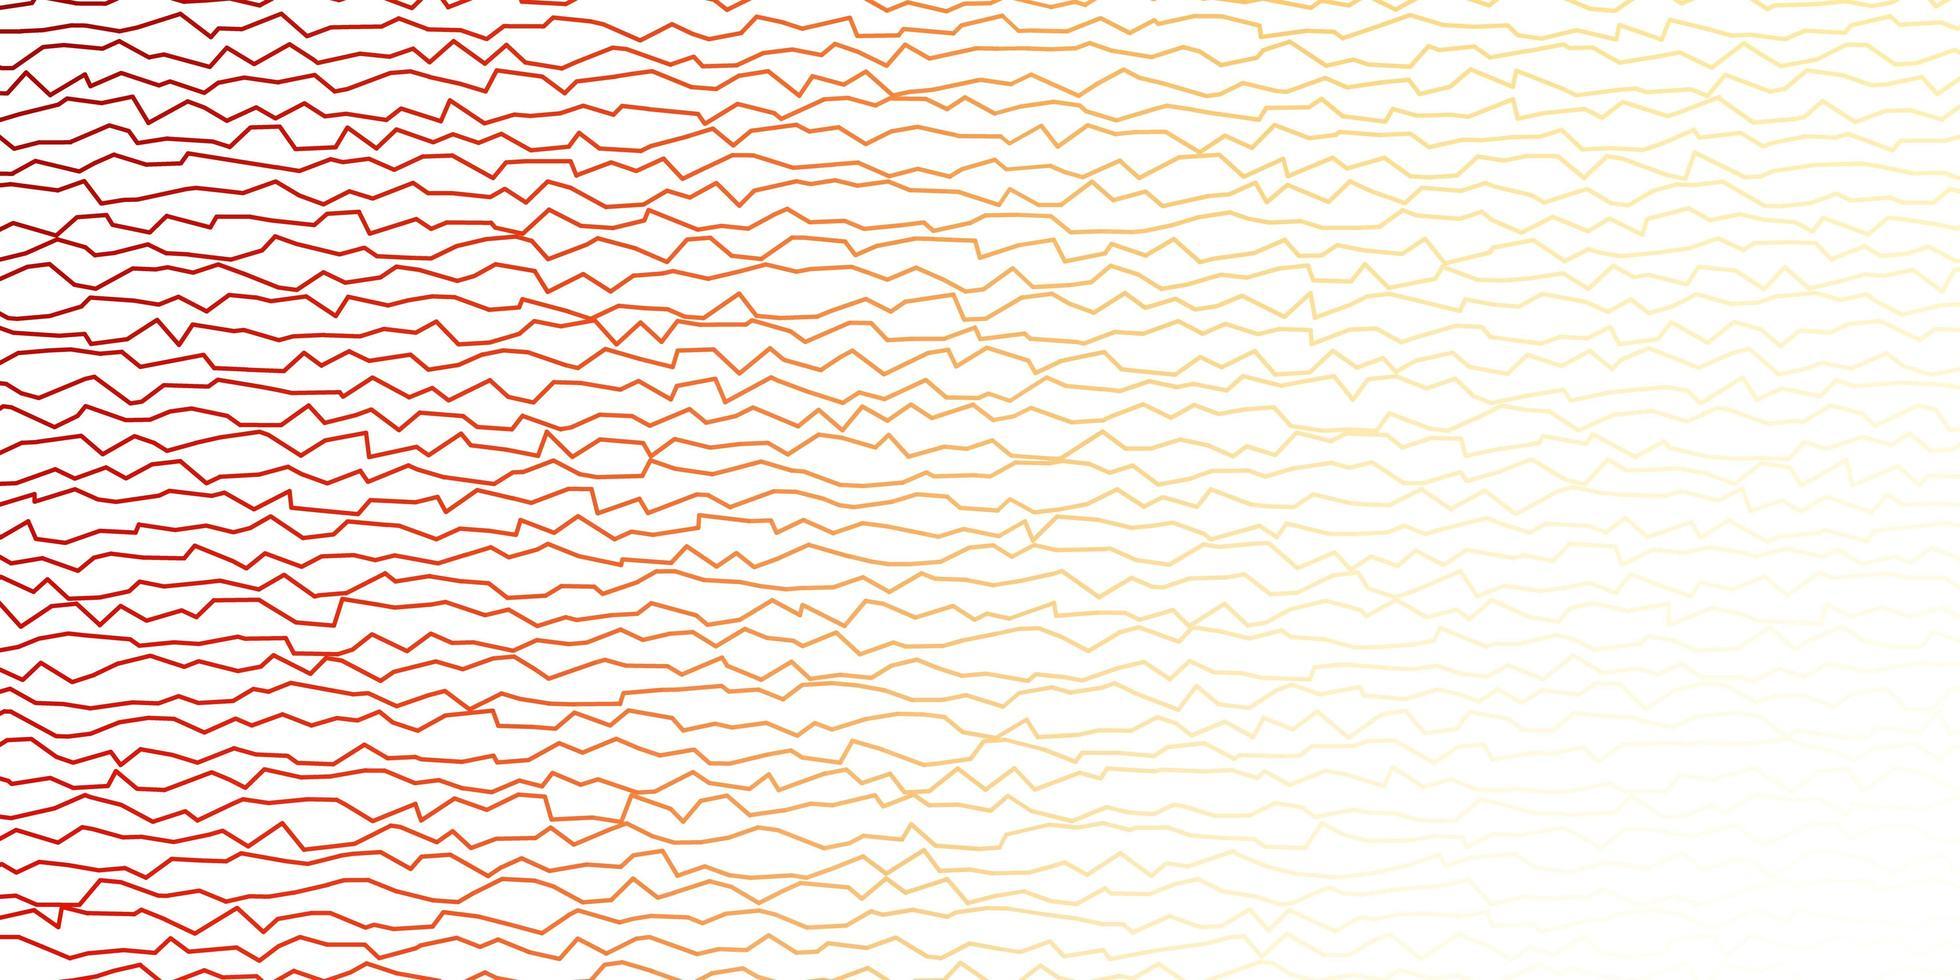 donkeroranje vectorlay-out met wrange lijnen. vector